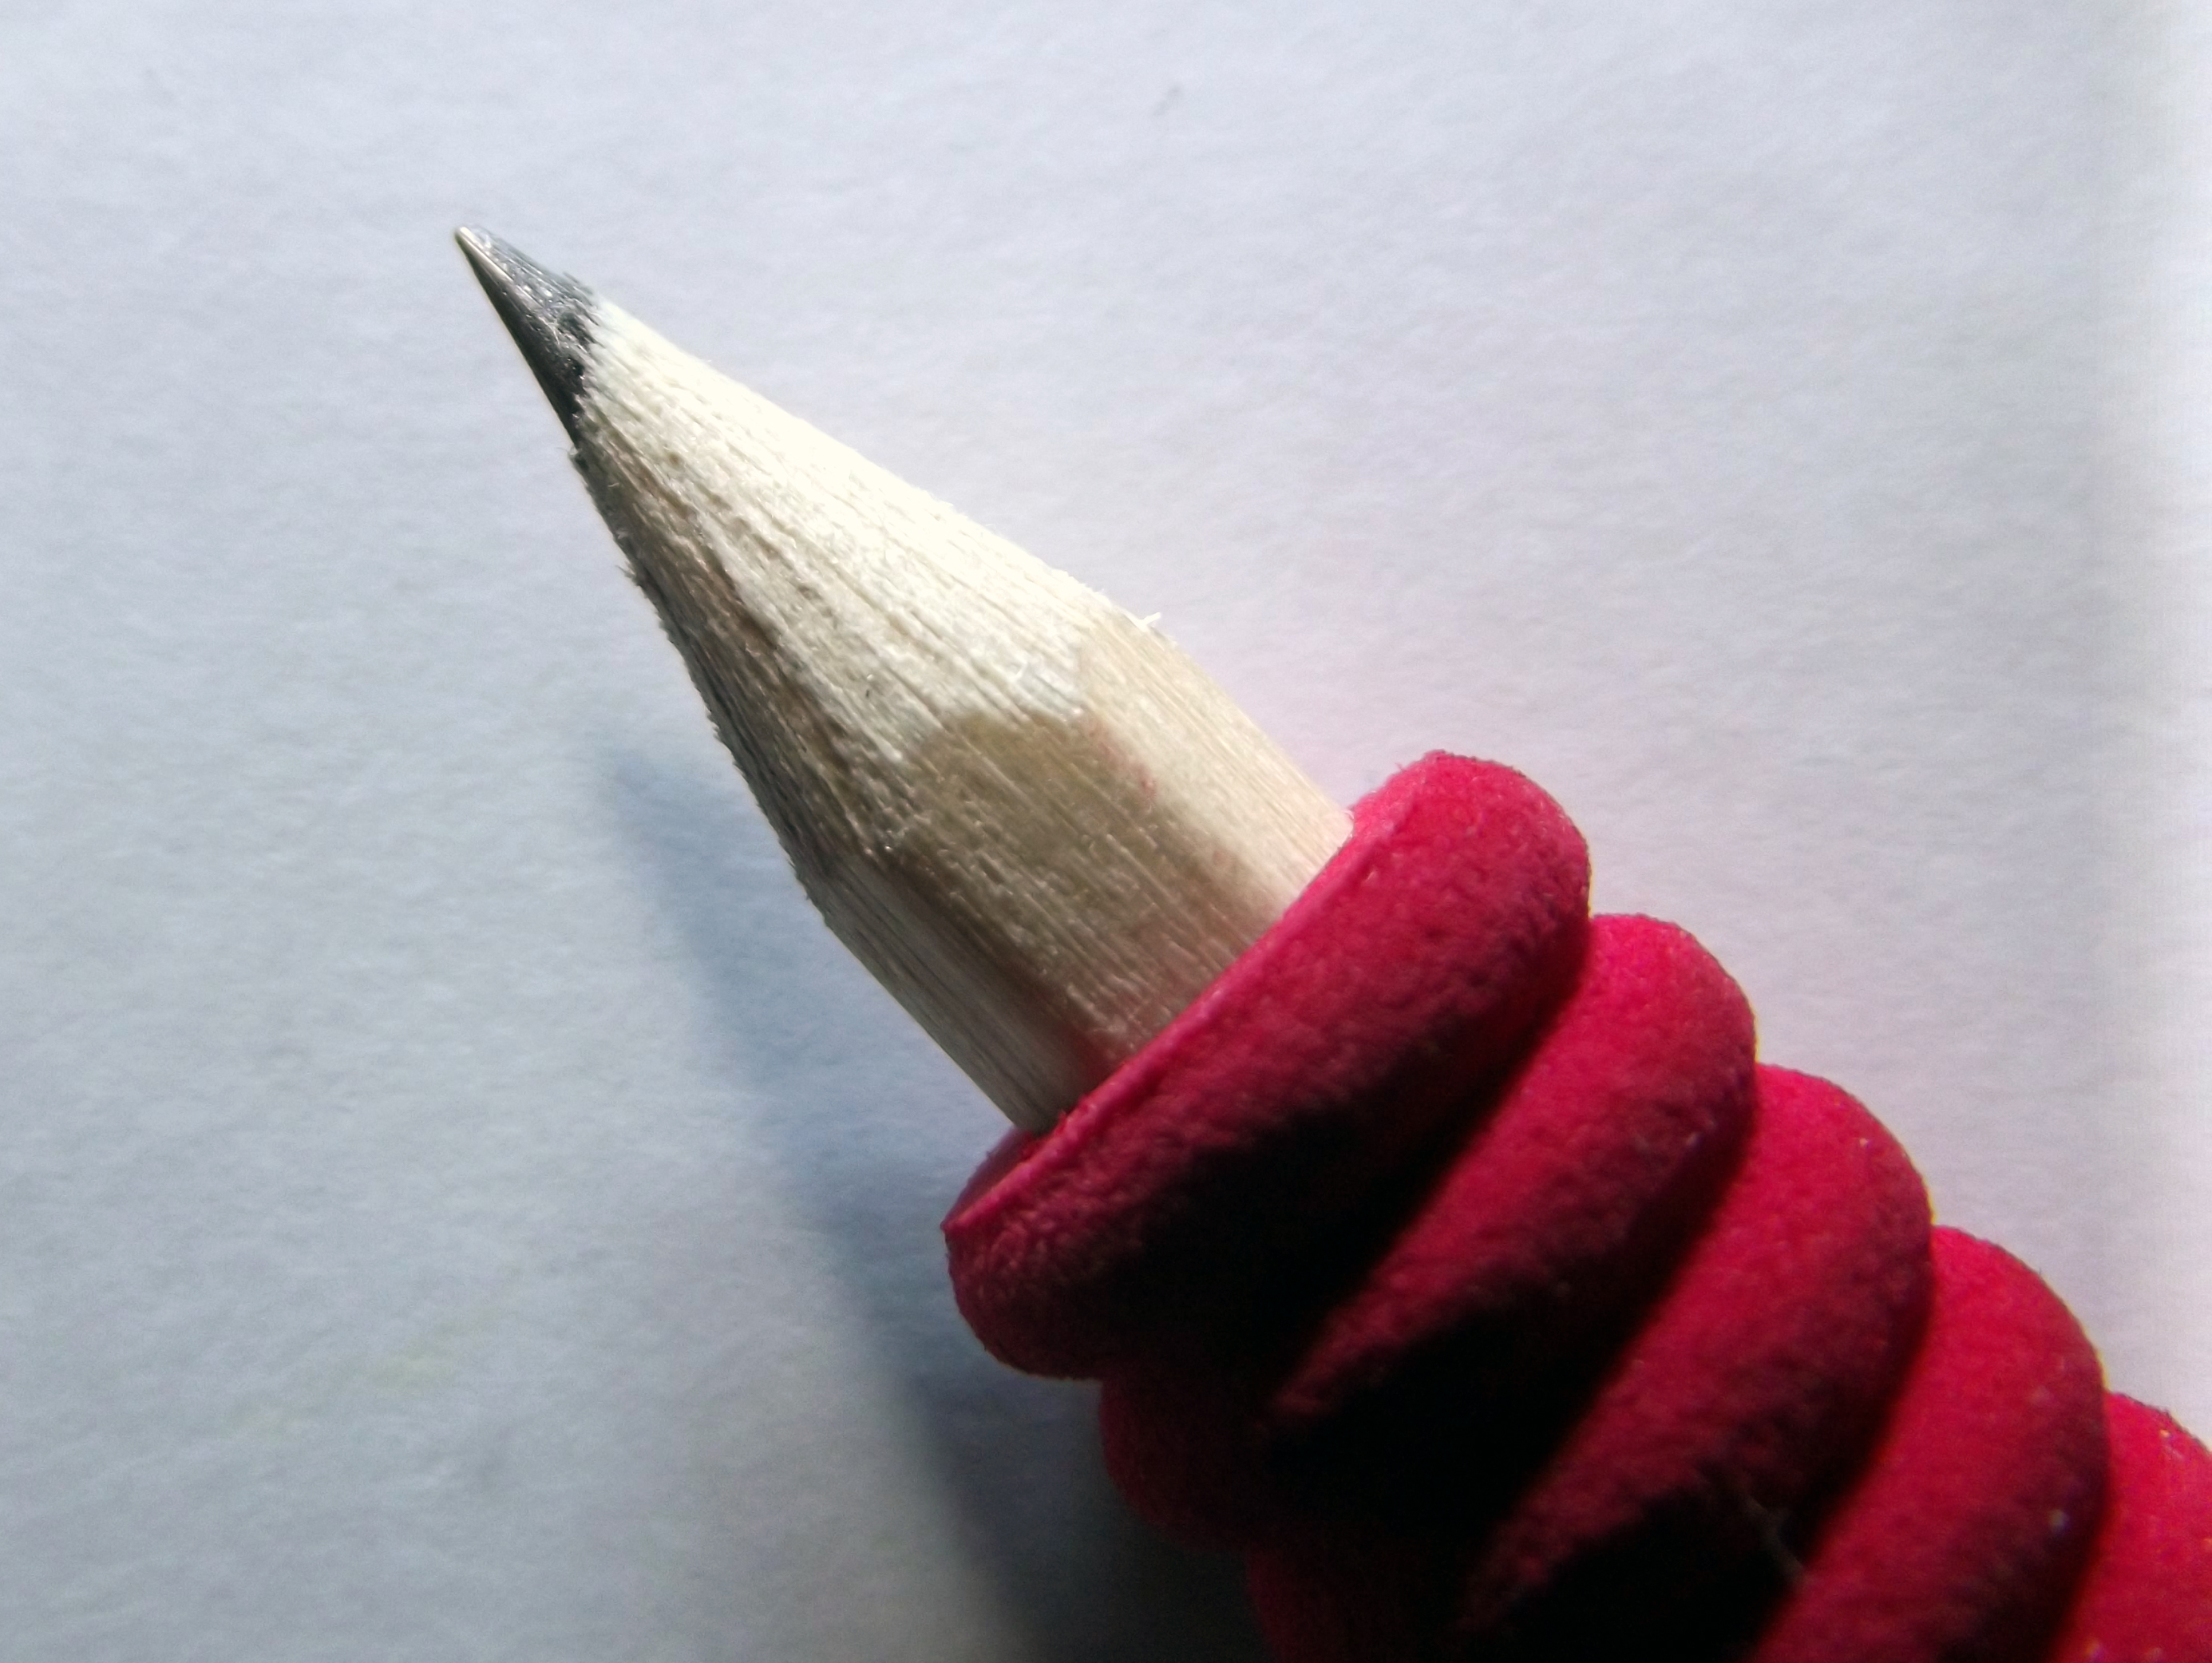 Pencil Tip, Art, Draw, Drawing, Lead, HQ Photo